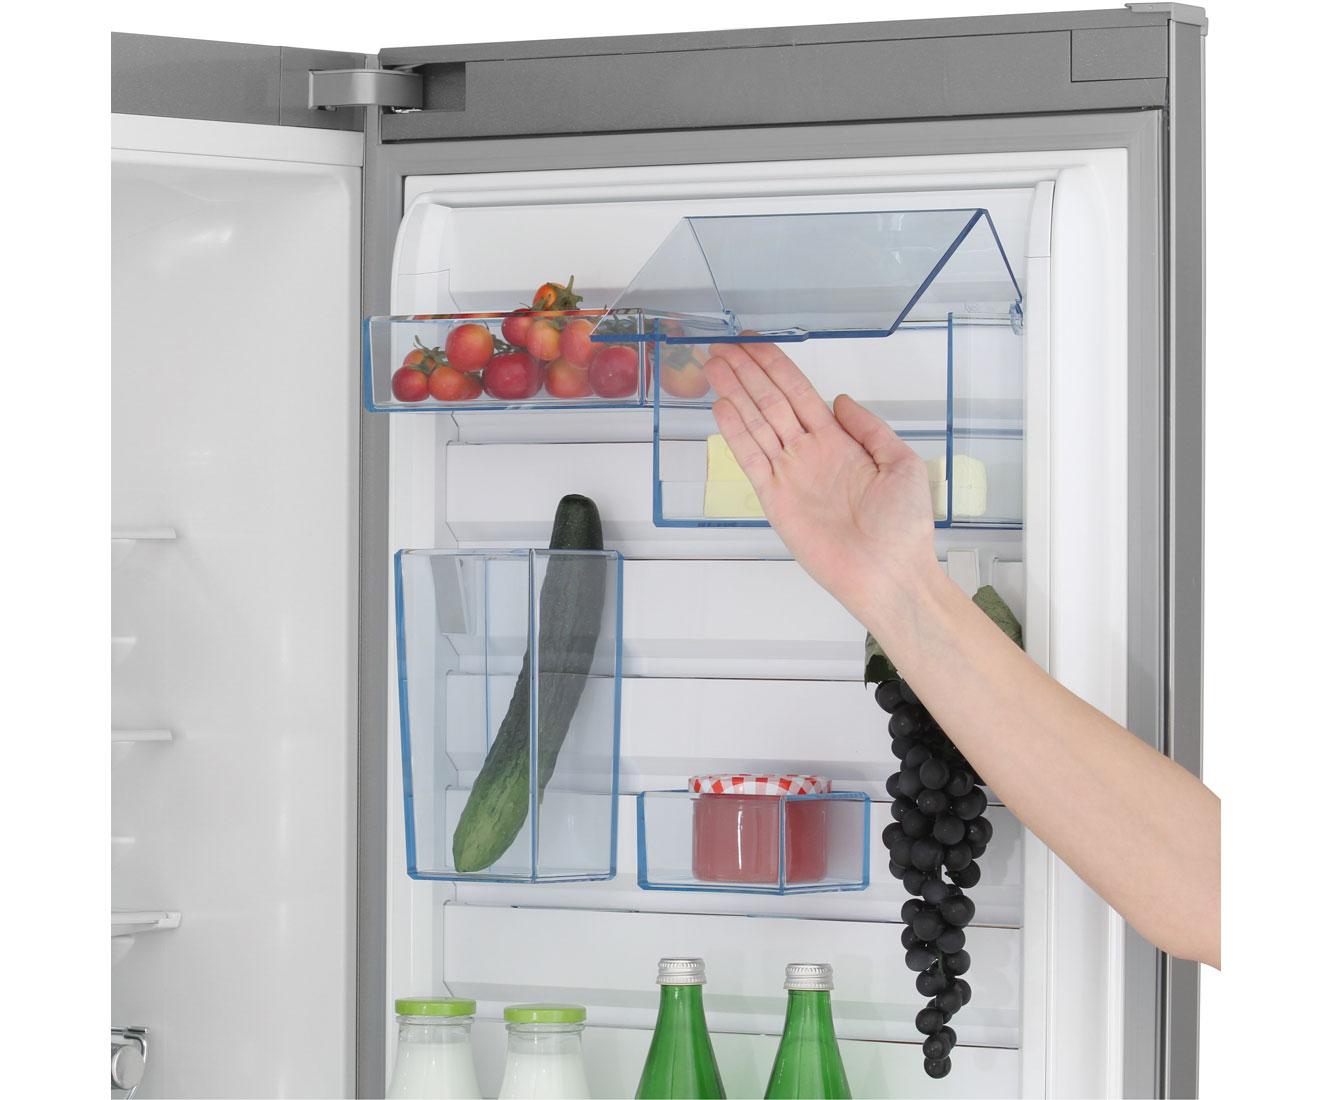 Aeg Kühlschrank Santo Temperatur Einstellen : Aeg santo s cmxf kühl gefrierkombination mit no frost er